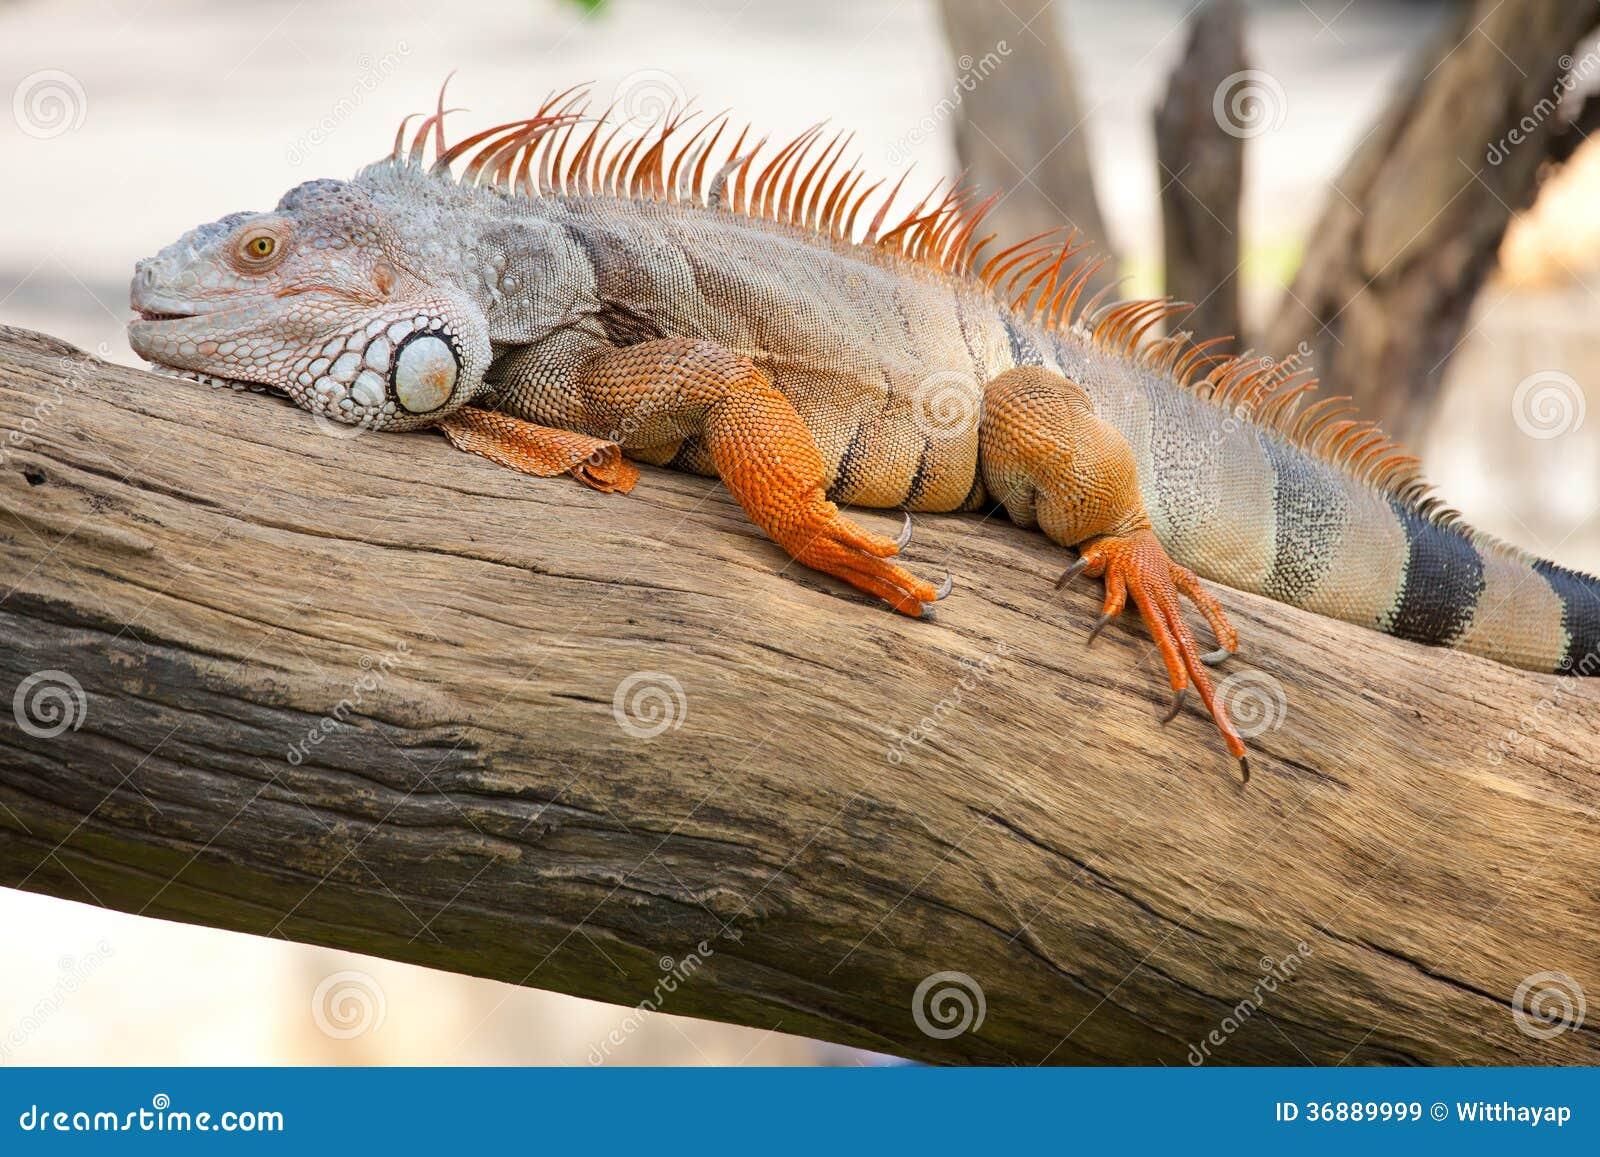 Download Seduta Del Rettile Dell'iguana Immagine Stock - Immagine di svago, caduta: 36889999